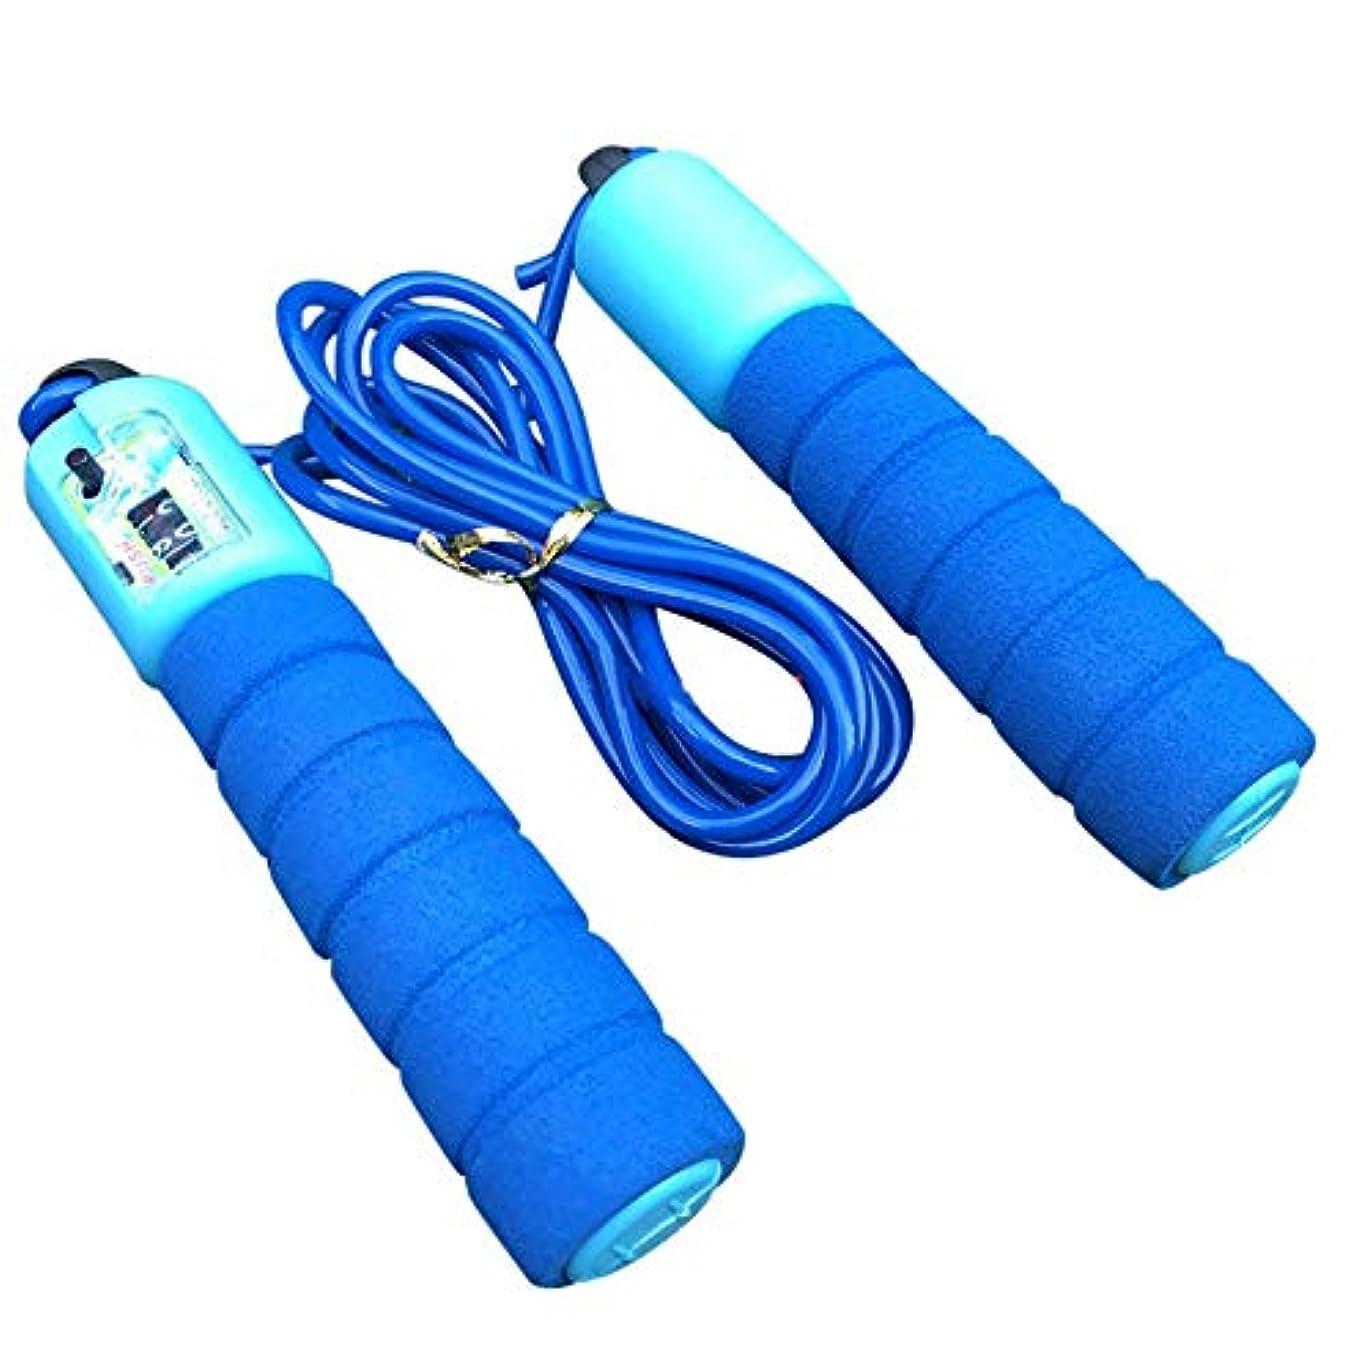 将来の正規化動調整可能なプロフェッショナルカウント縄跳び自動カウントジャンプロープフィットネス運動高速カウントジャンプロープ - 青